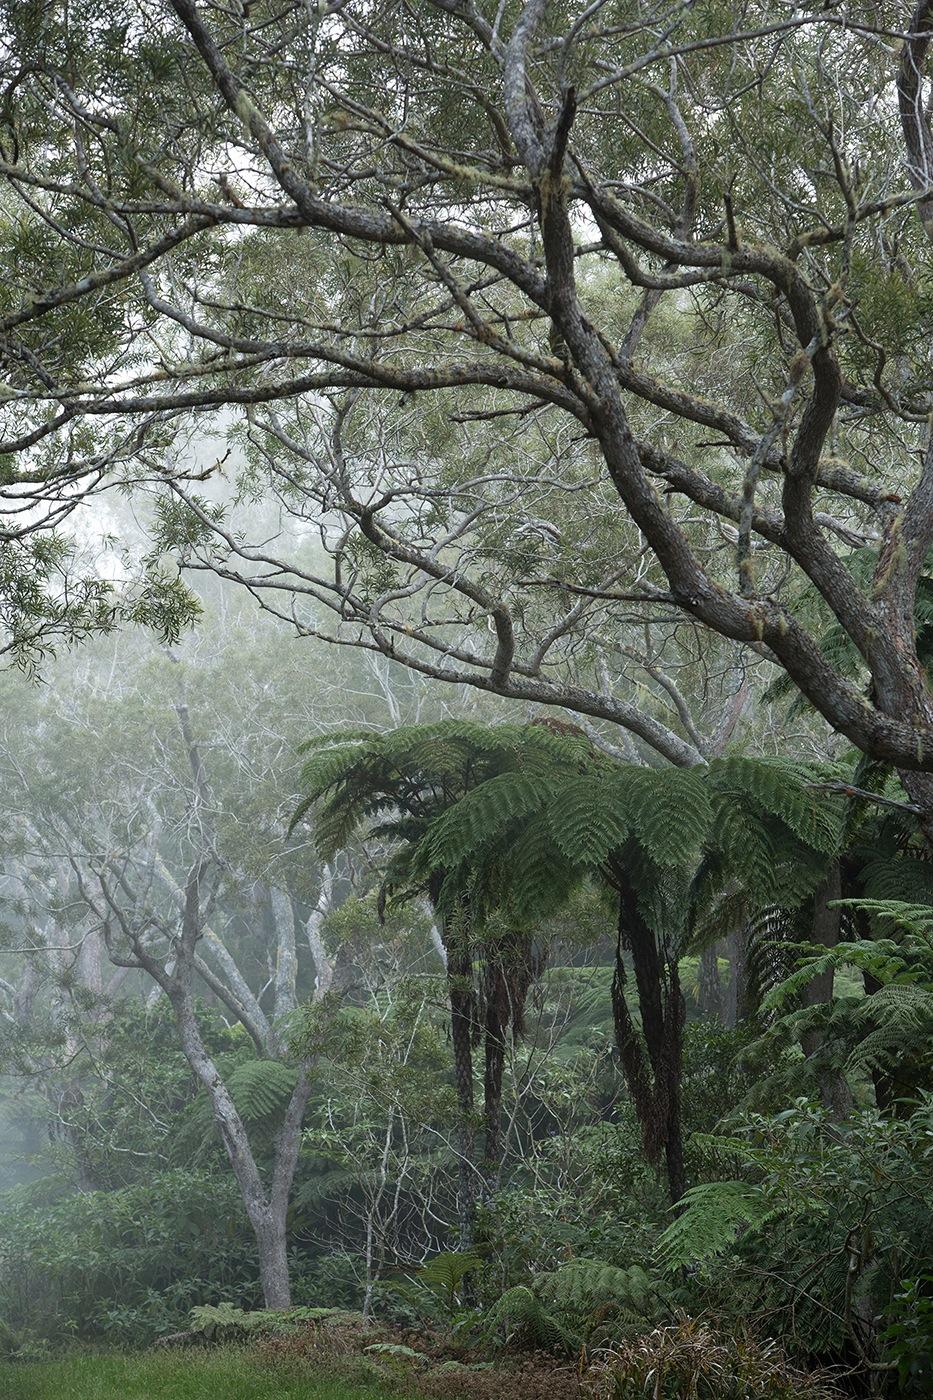 Fougères arboricoles ou Fanjans (Cyathea) - Forêt de Bélouve